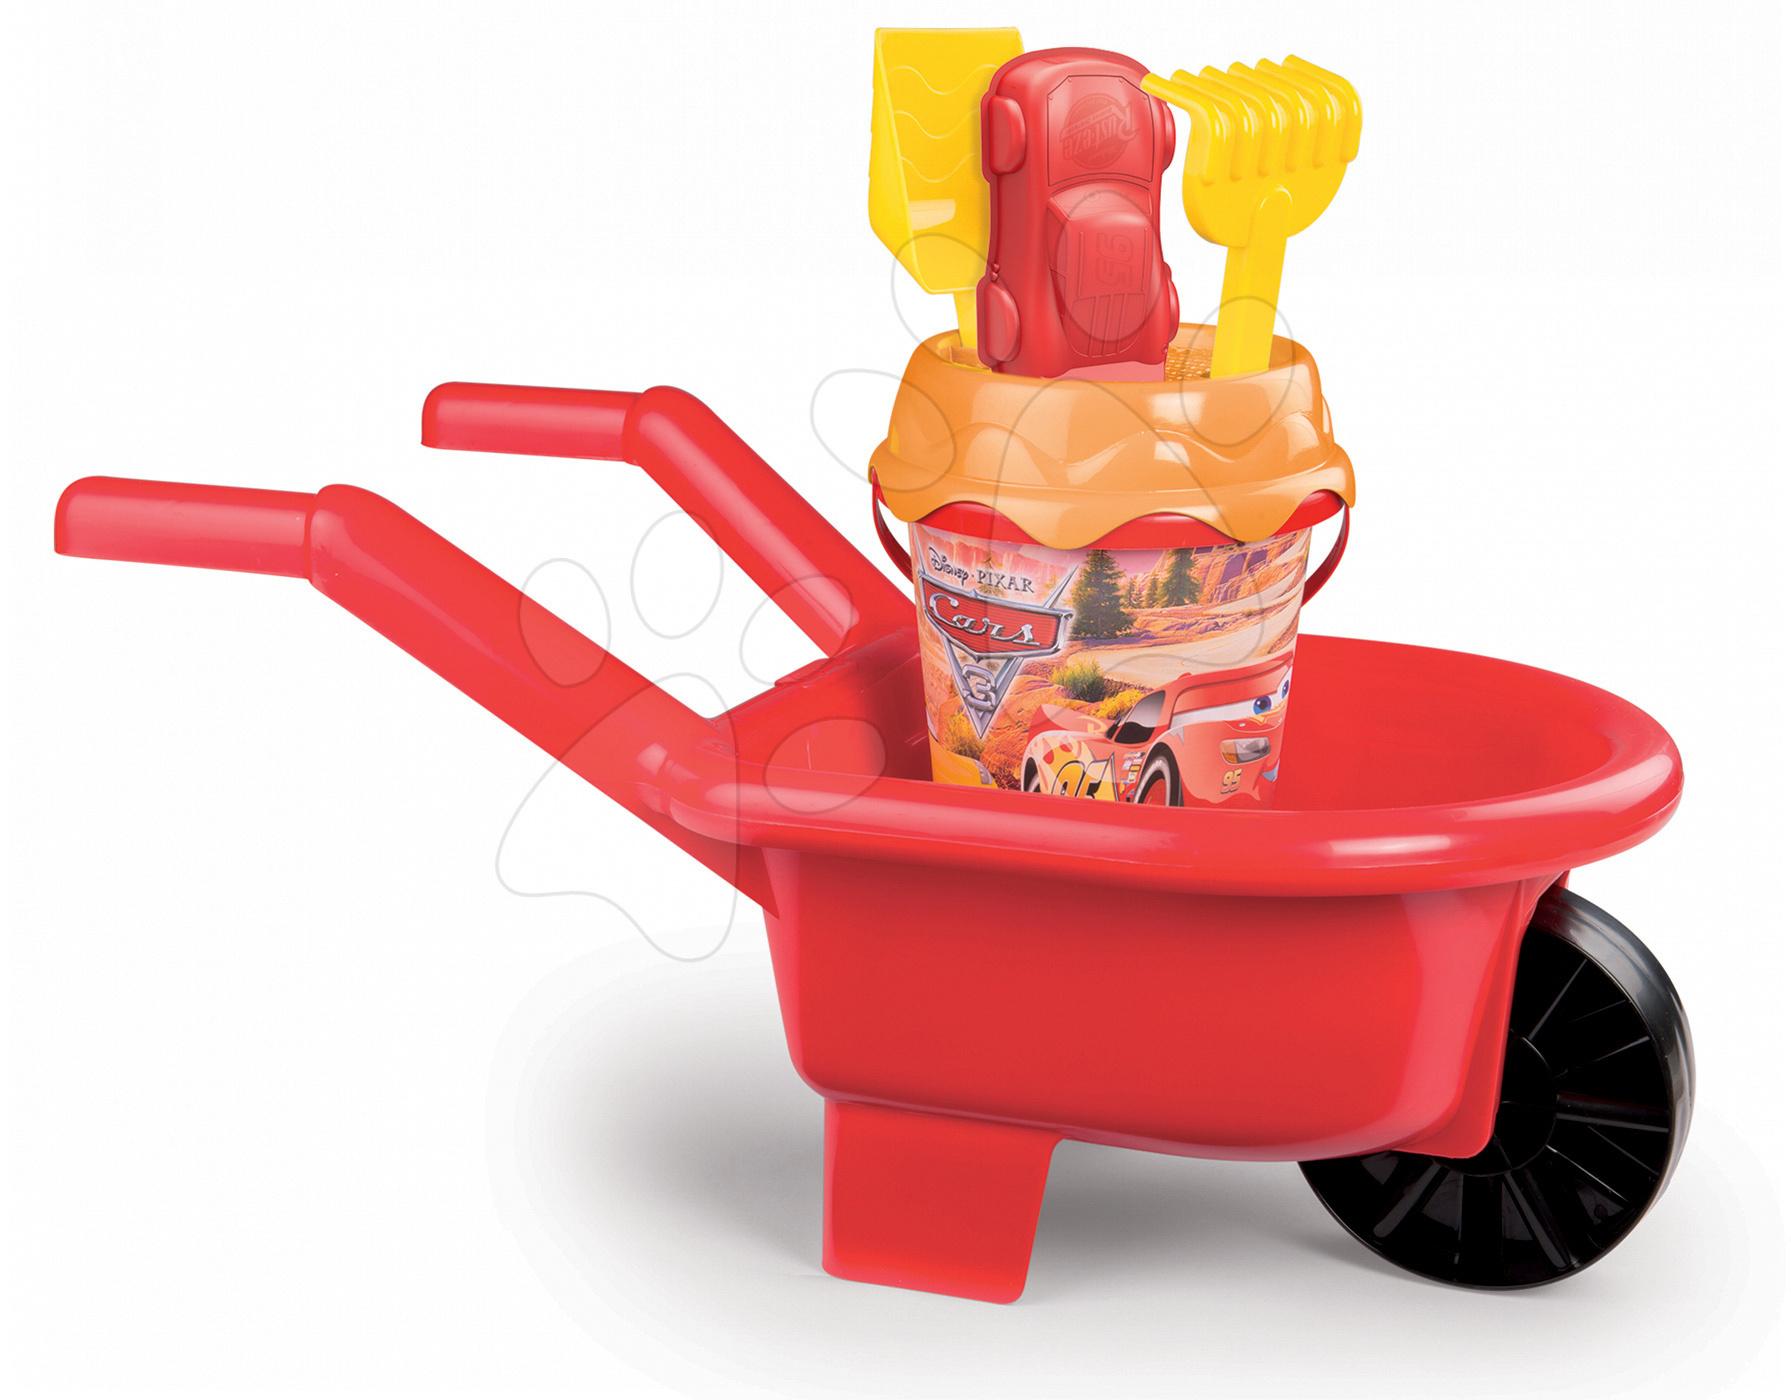 Roabă cu set de găleată Maşini 3 Smoby 6 piese roşu de la 18 luni